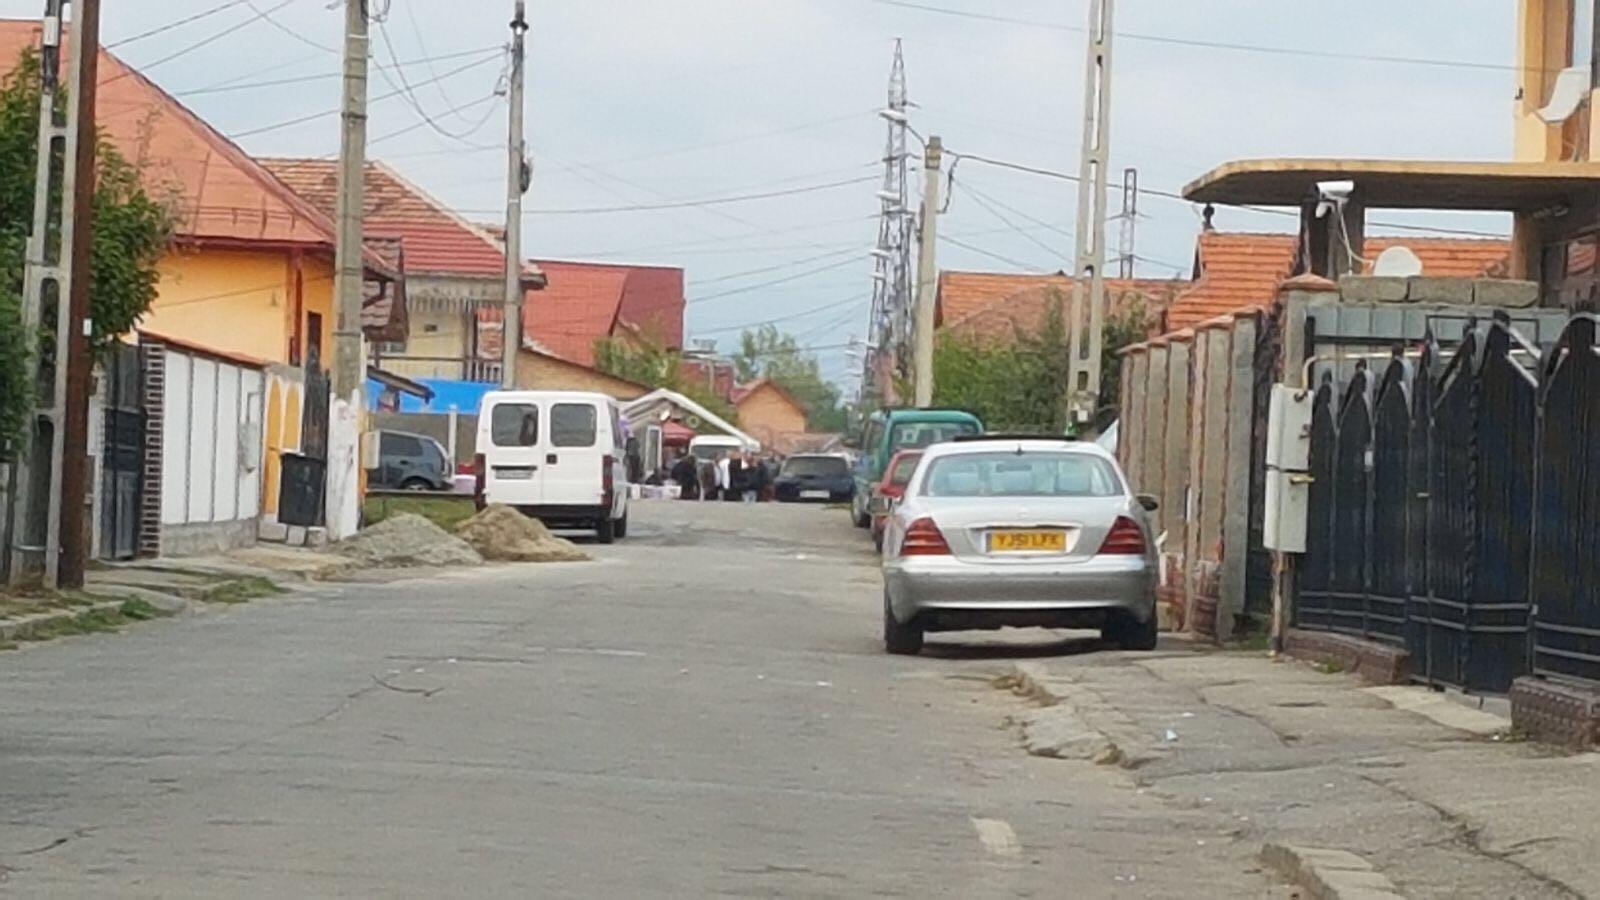 FOTO | Dosar penal pentru o familie de romi, care a întins un cort în stradă, pentru logodna a 2 copii